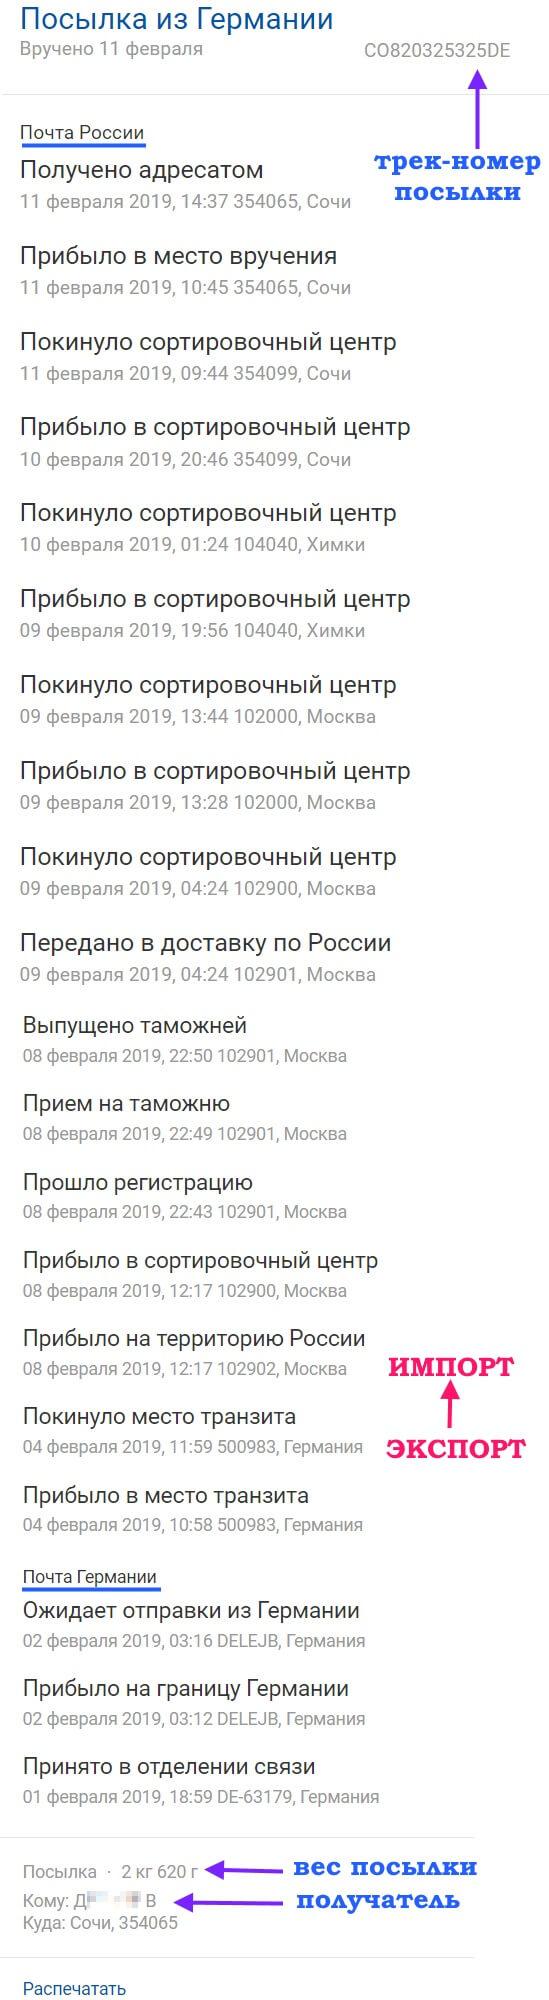 Отслеживание доставки посылки на сайте Почты России